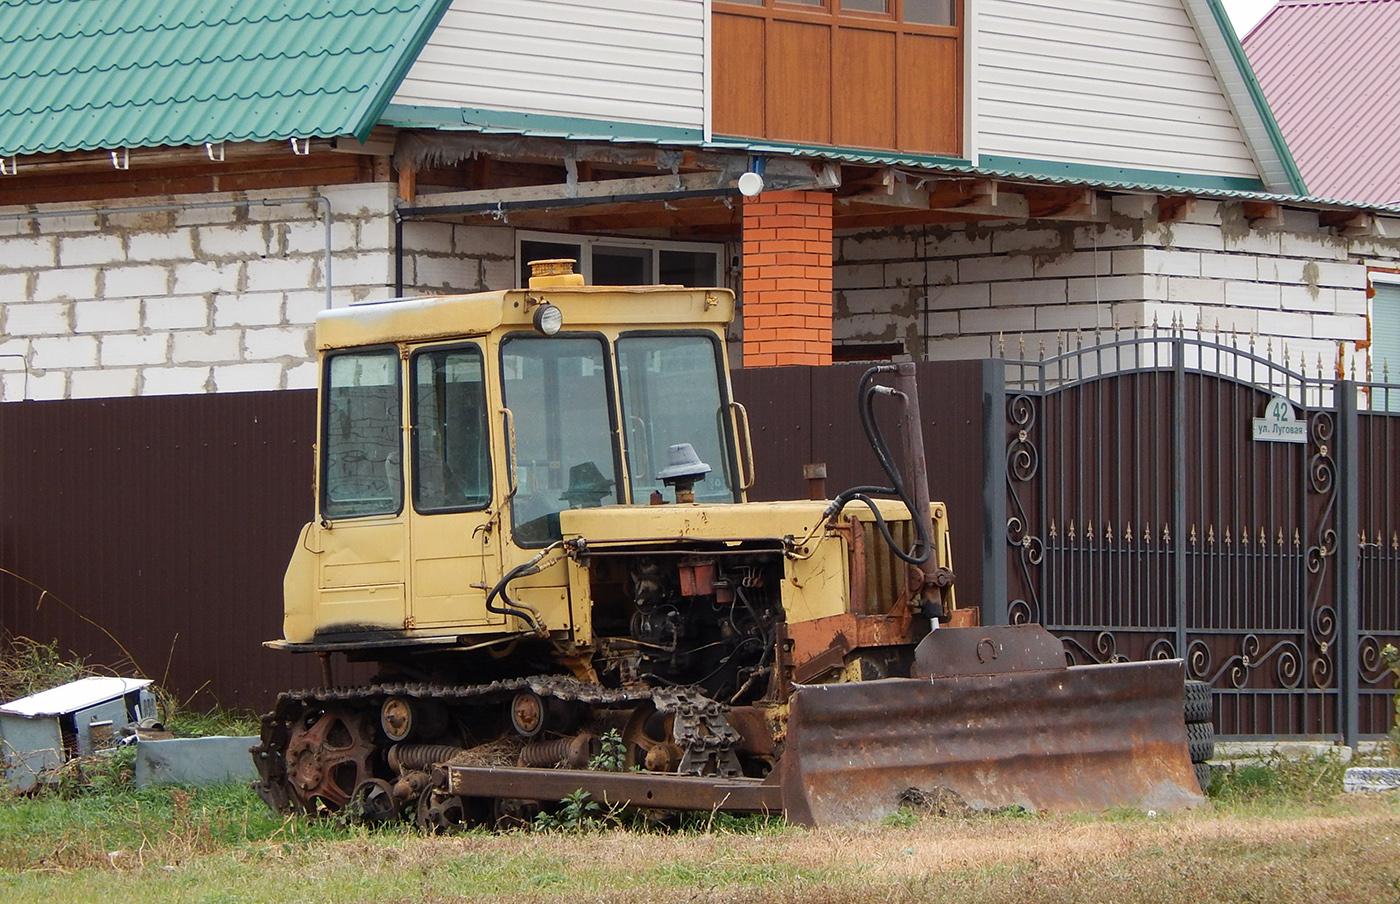 актуальные купить трактор дт 75 в белгородской области штампов